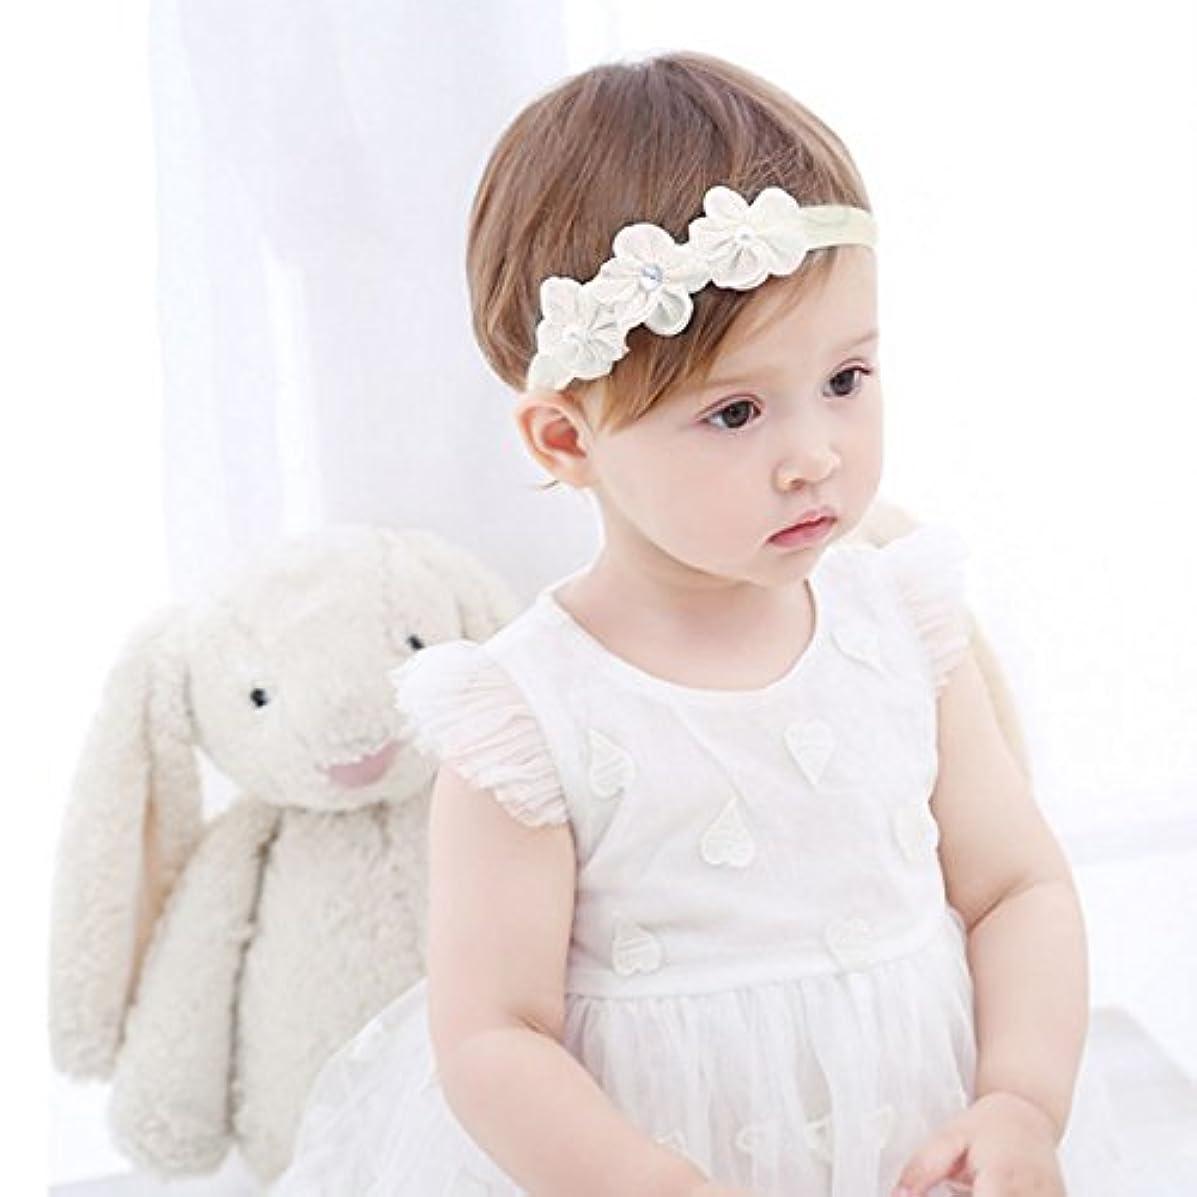 肝びっくりする機知に富んだRefaxi 子供の赤ちゃんかわいい幼児のレースの花のヘアバンドヘッドウェアヘッドバンドアクセサリー